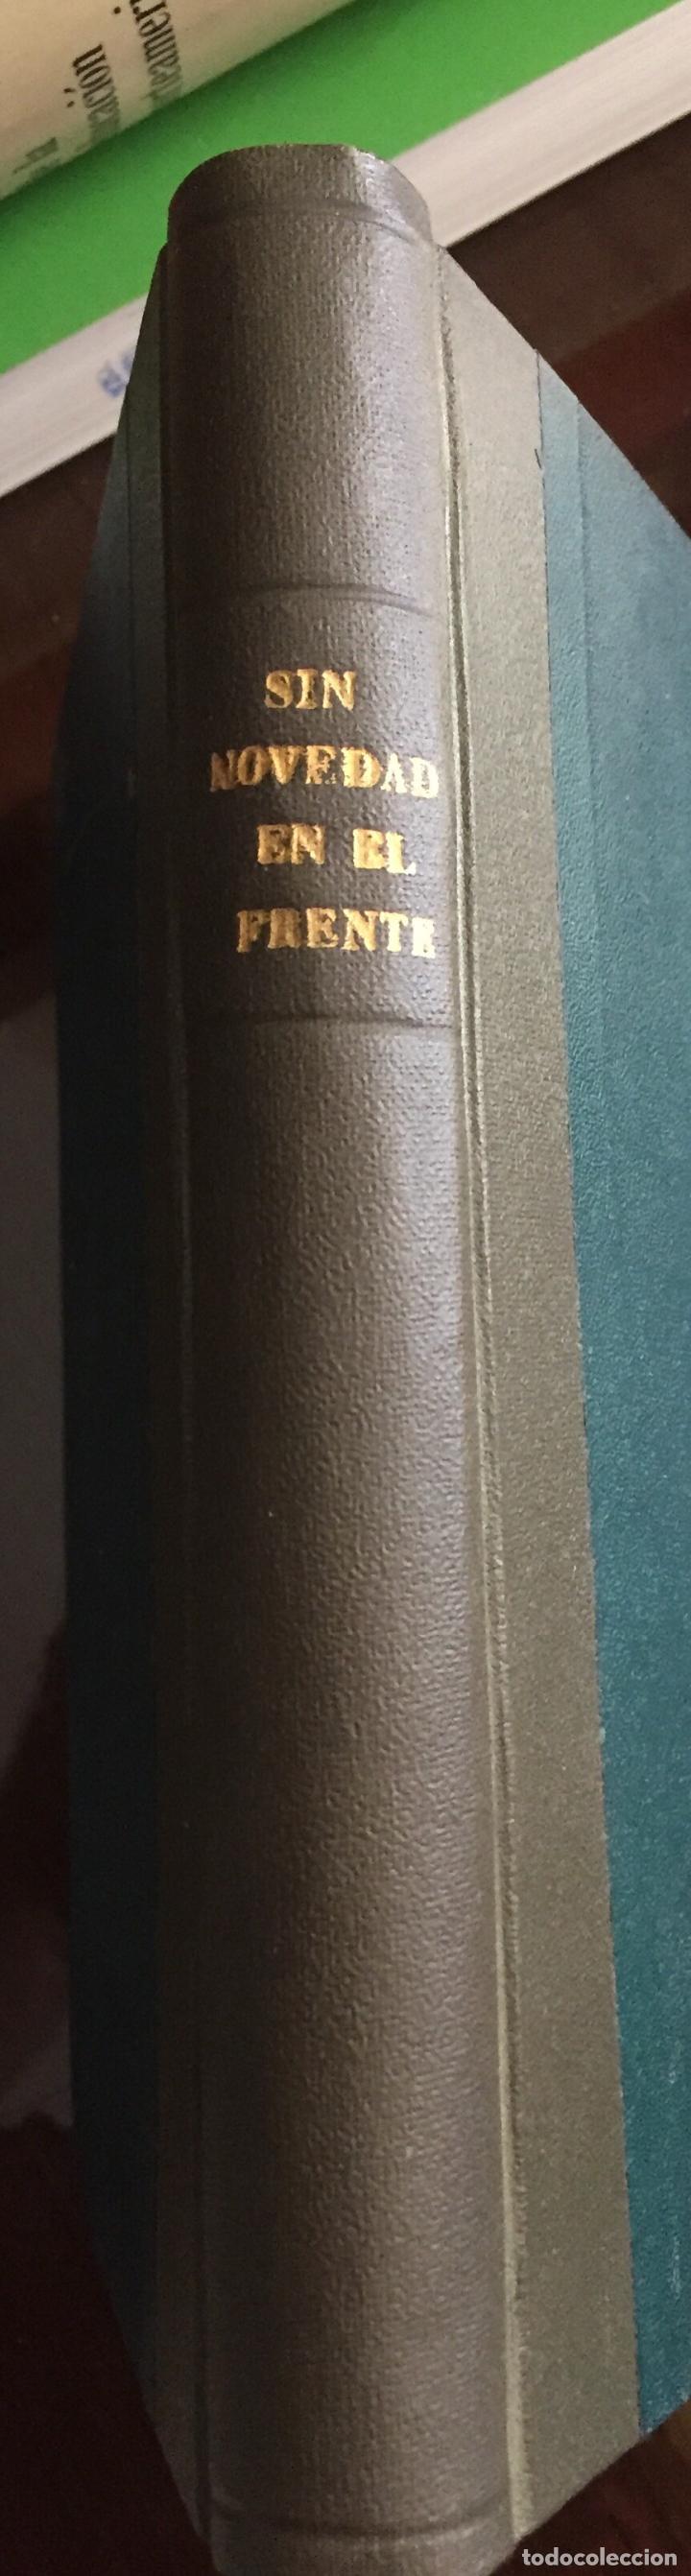 Libros antiguos: SIN NOVEDAD EN EL FRENTE Erich Maria Remarque - Foto 3 - 208673755